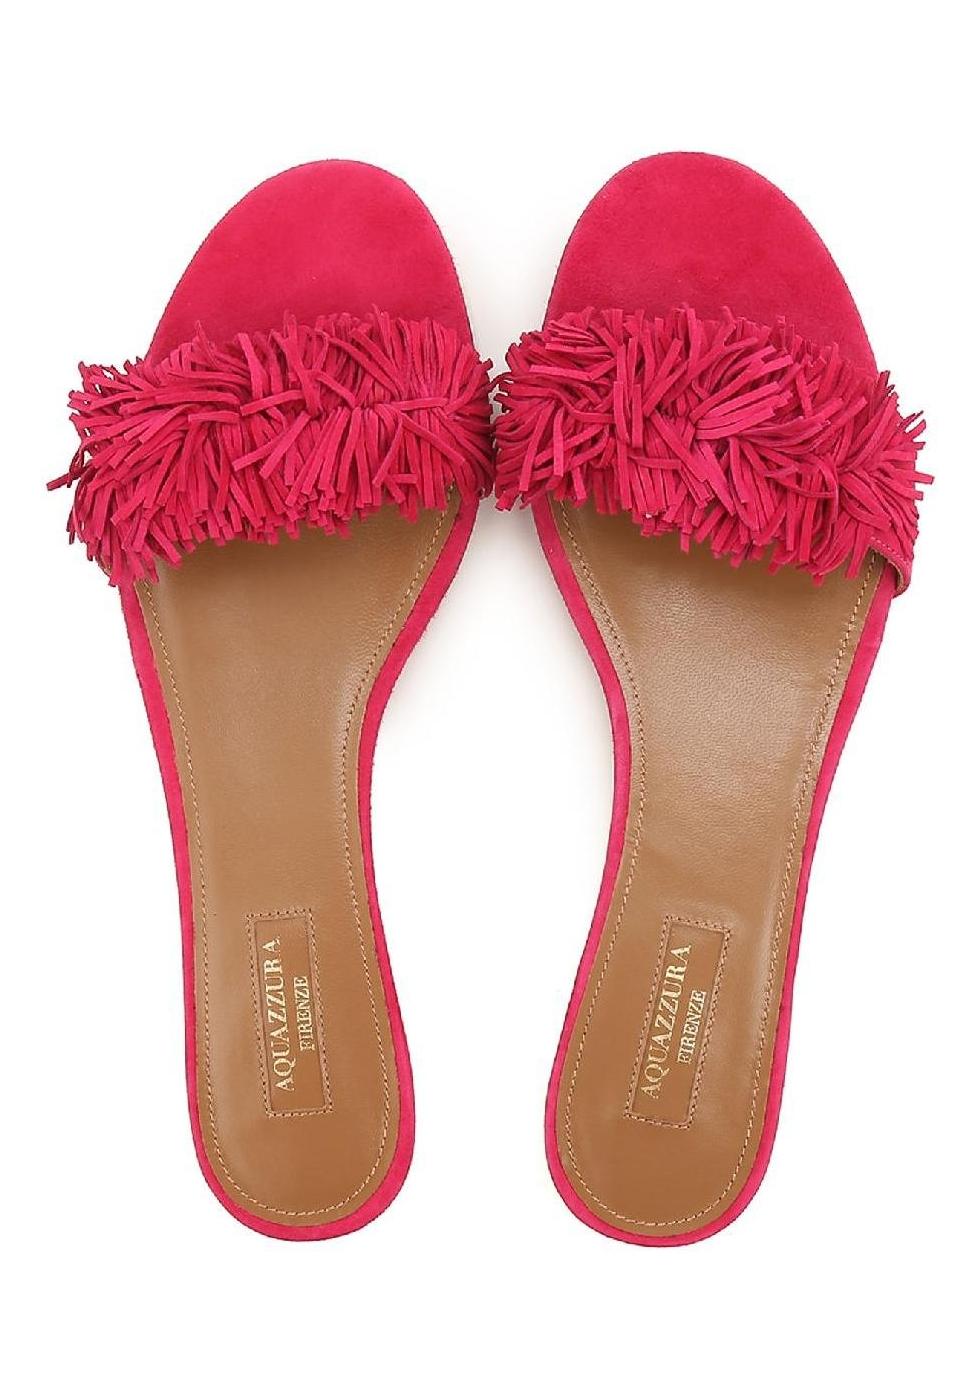 American Car Brands >> Aquazzura slippers sandals in Fuchsia Suede leather ...